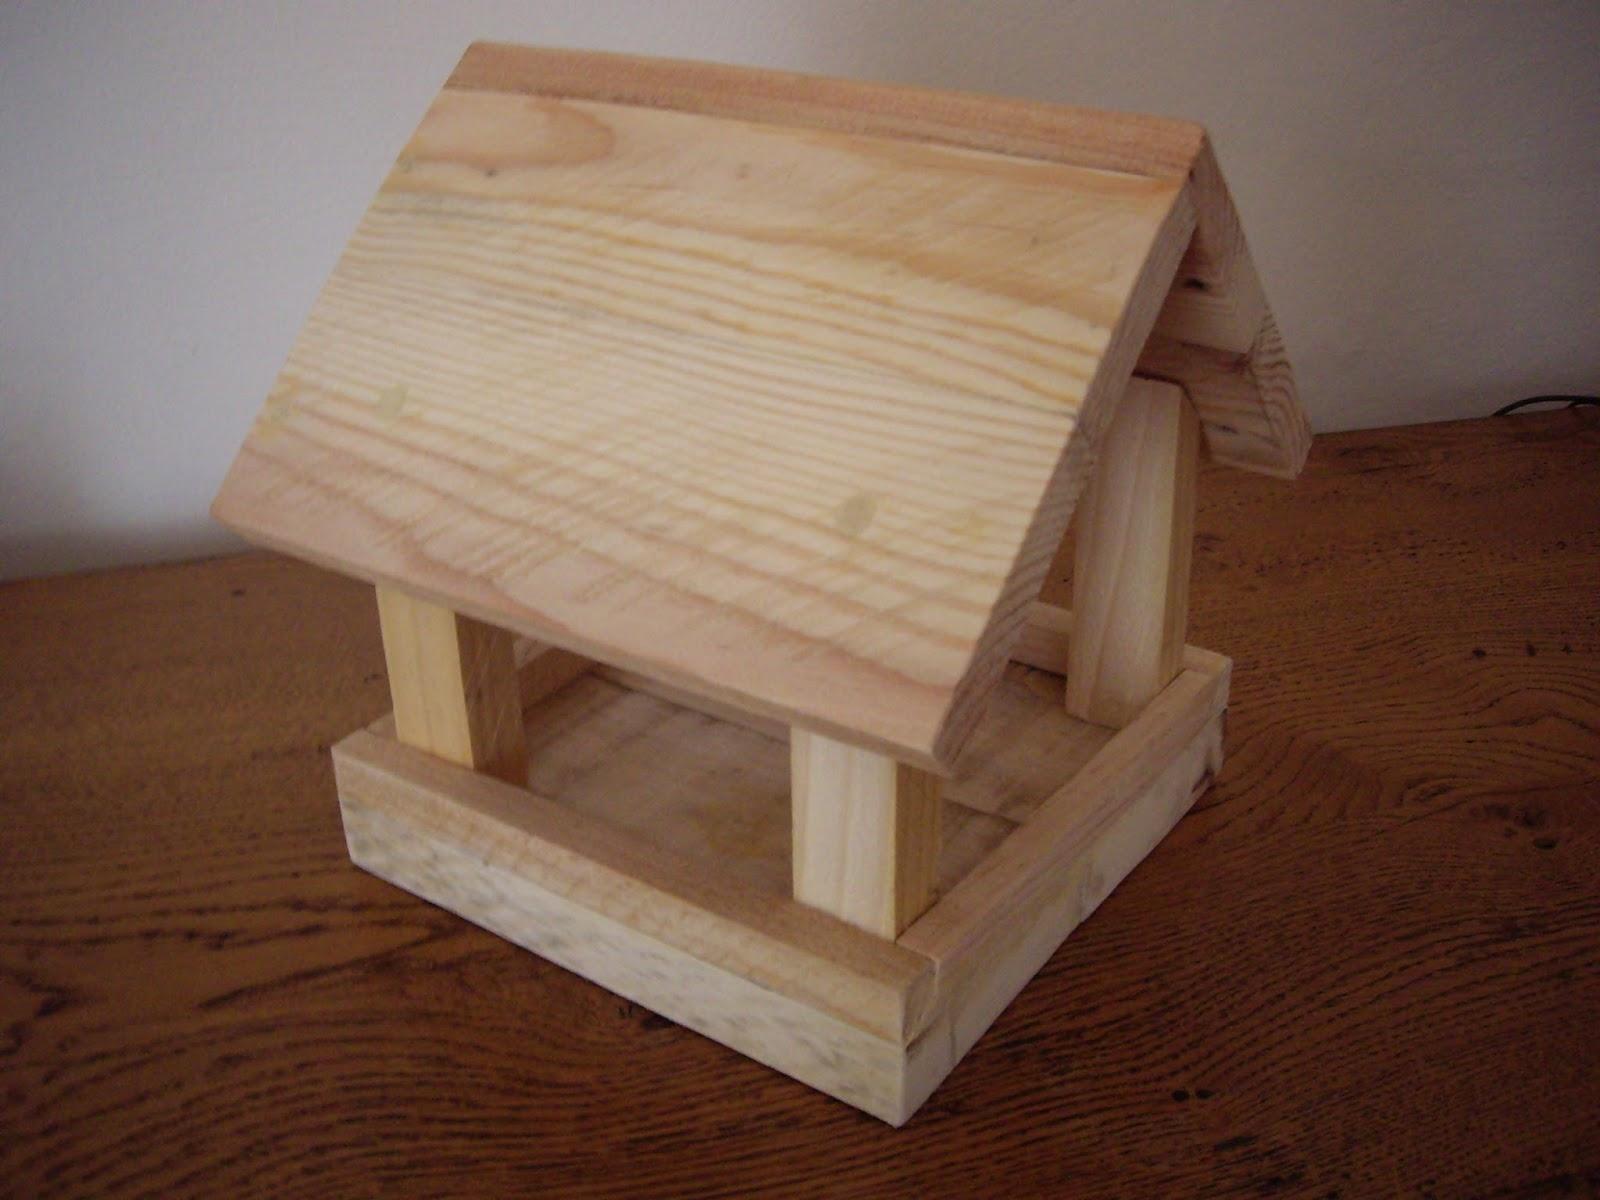 Objets d co tutoriels et meubles en bois de palettes for Petit objet de decoration